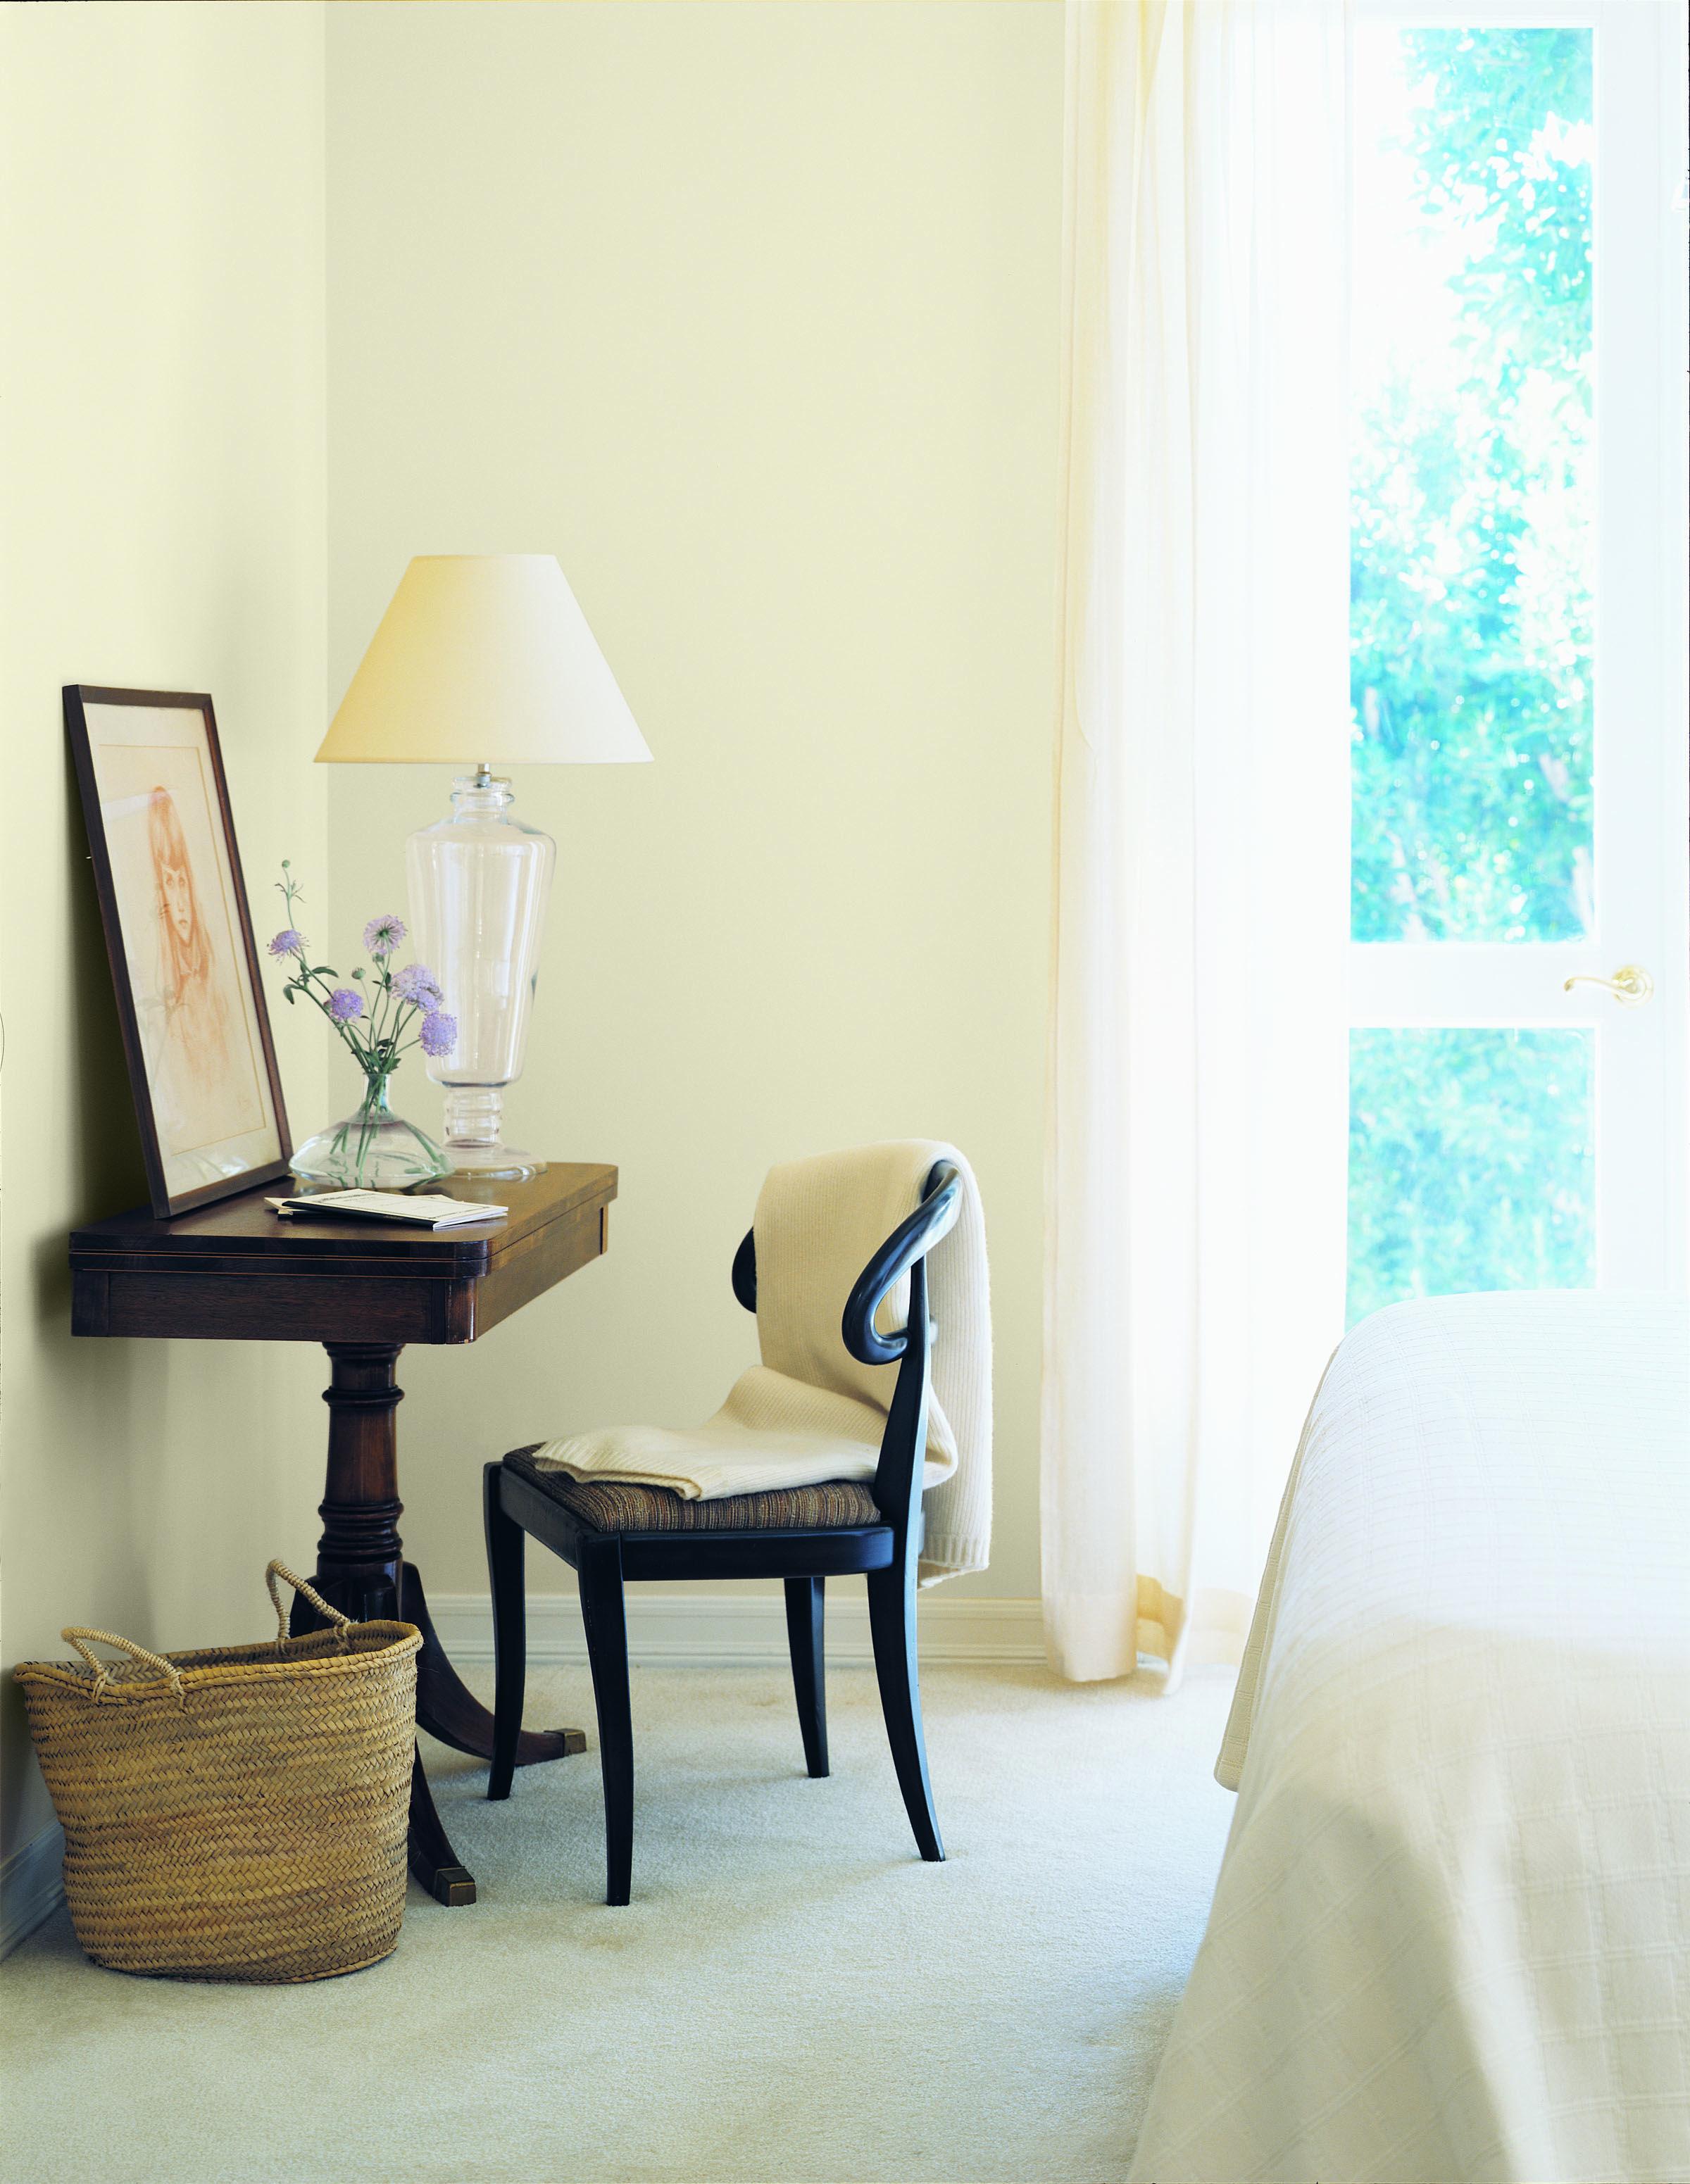 White Paint Living Room Dunn Edwards Paints Paint Colors Wall Cottage White Dew318 Trim